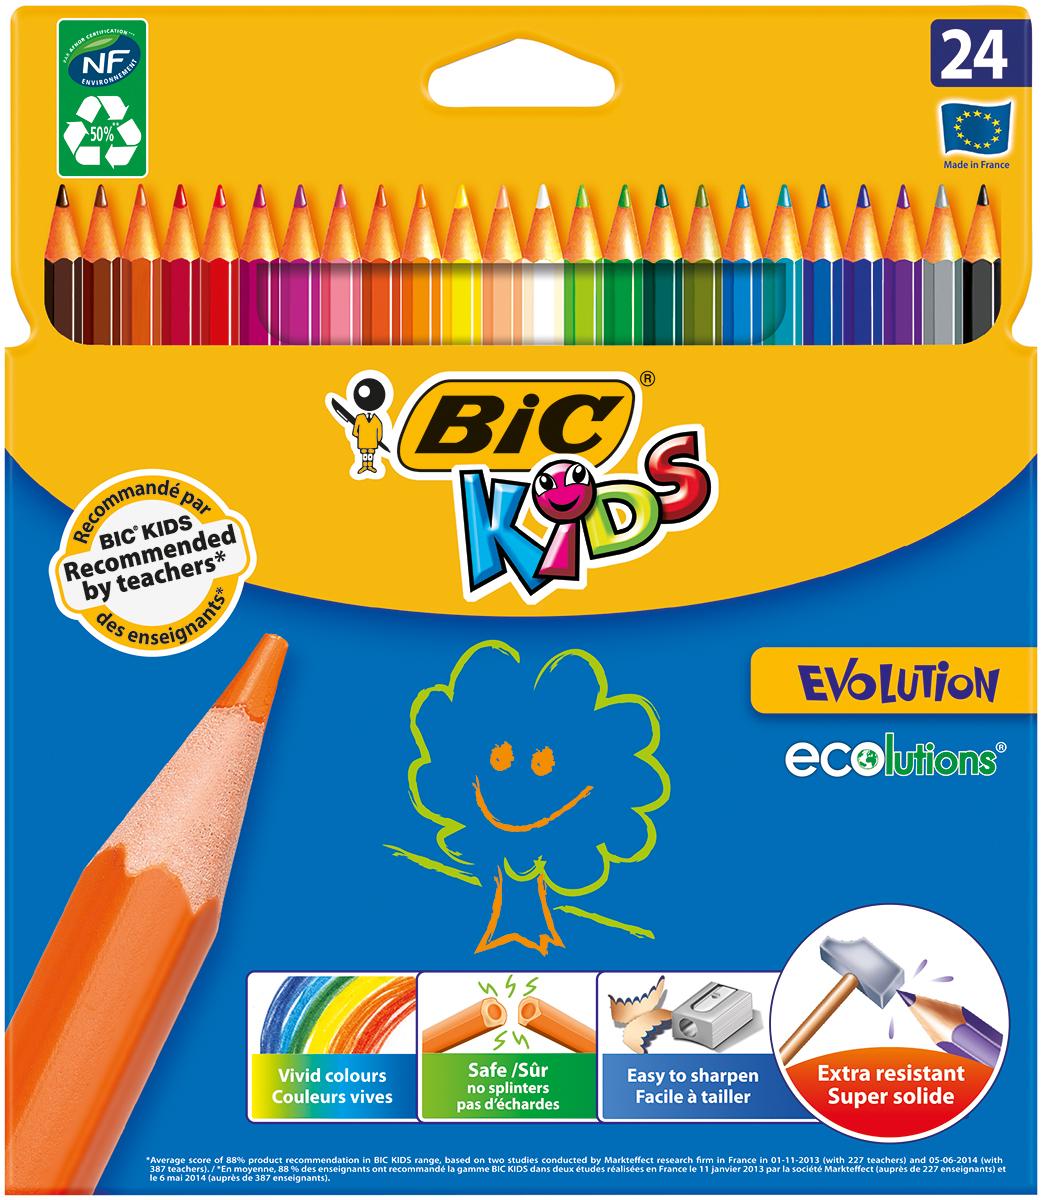 Bic Набор цветных карандашей Evolution 24 цвета72523WDНабор цветных карандашей Bic Evolution идеален для ежедневного использования маленькими художниками!В наборе карандаши 24 ярких цветов. Ультрапрочные цветные карандаши изготовлены без использования древесины. Цветной стержень обеспечивает отличную степень закрашивания.